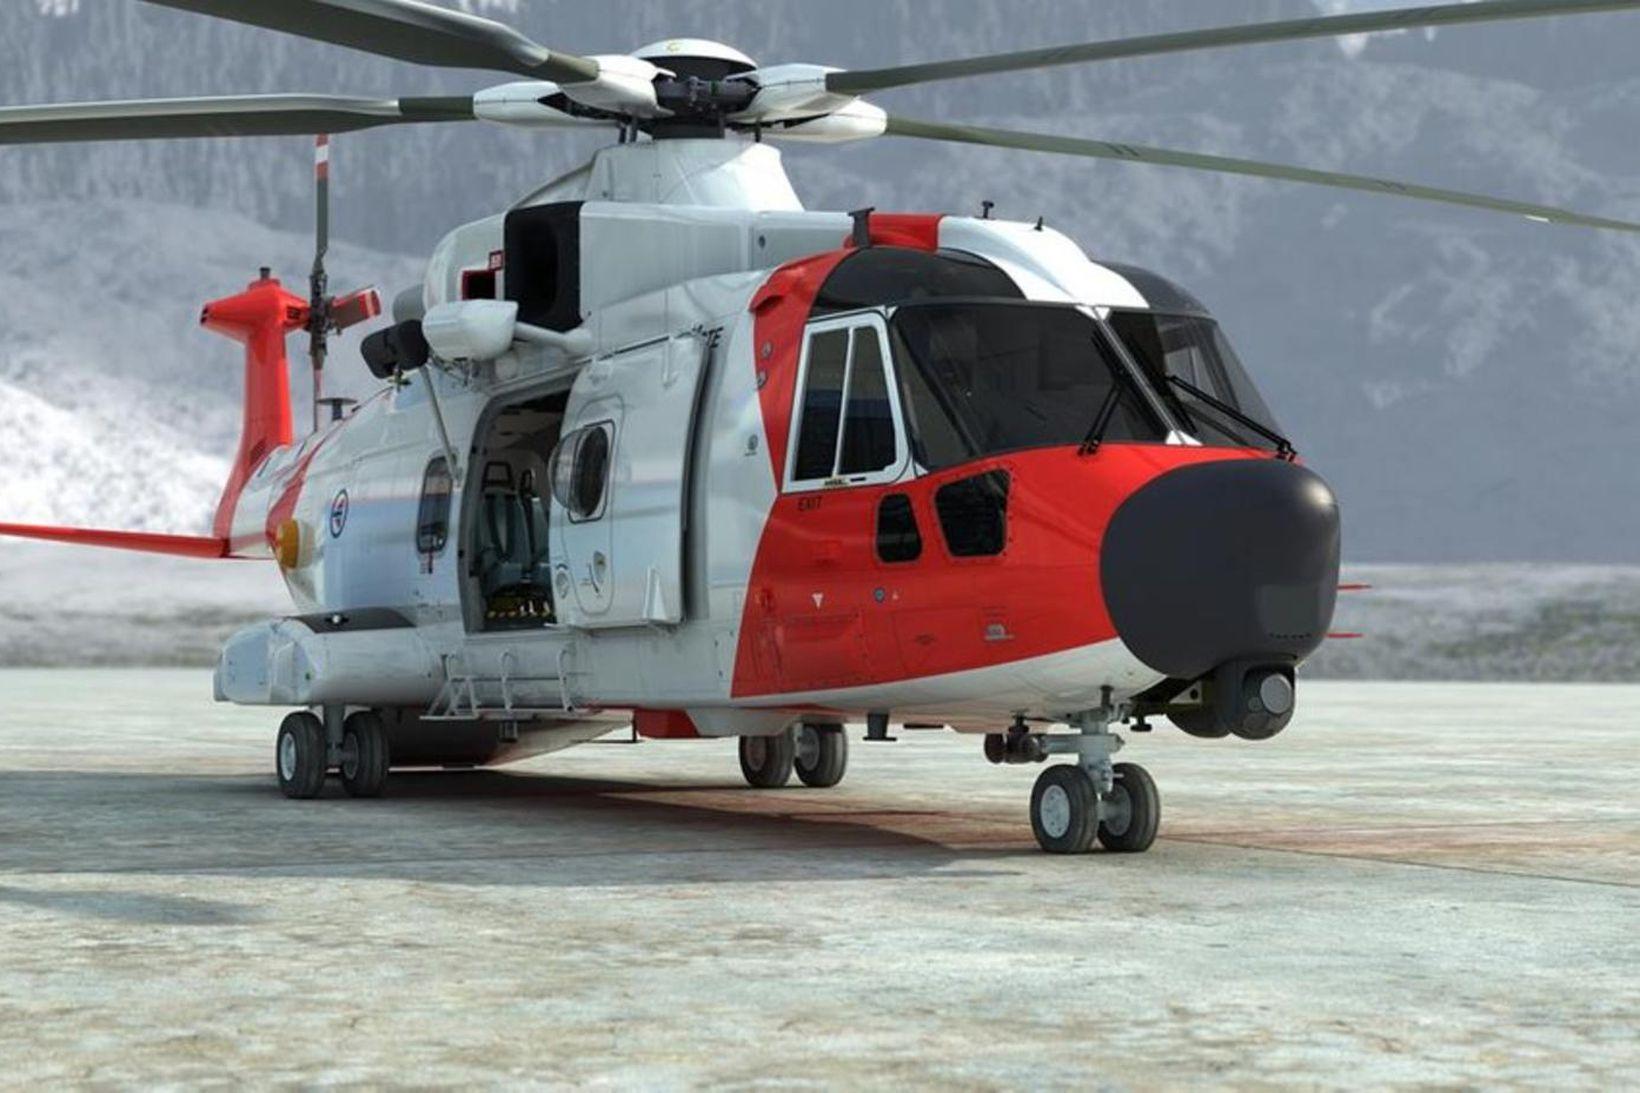 AgustaWestland AW101, eða SAR Queen eins og hún er kölluð, …